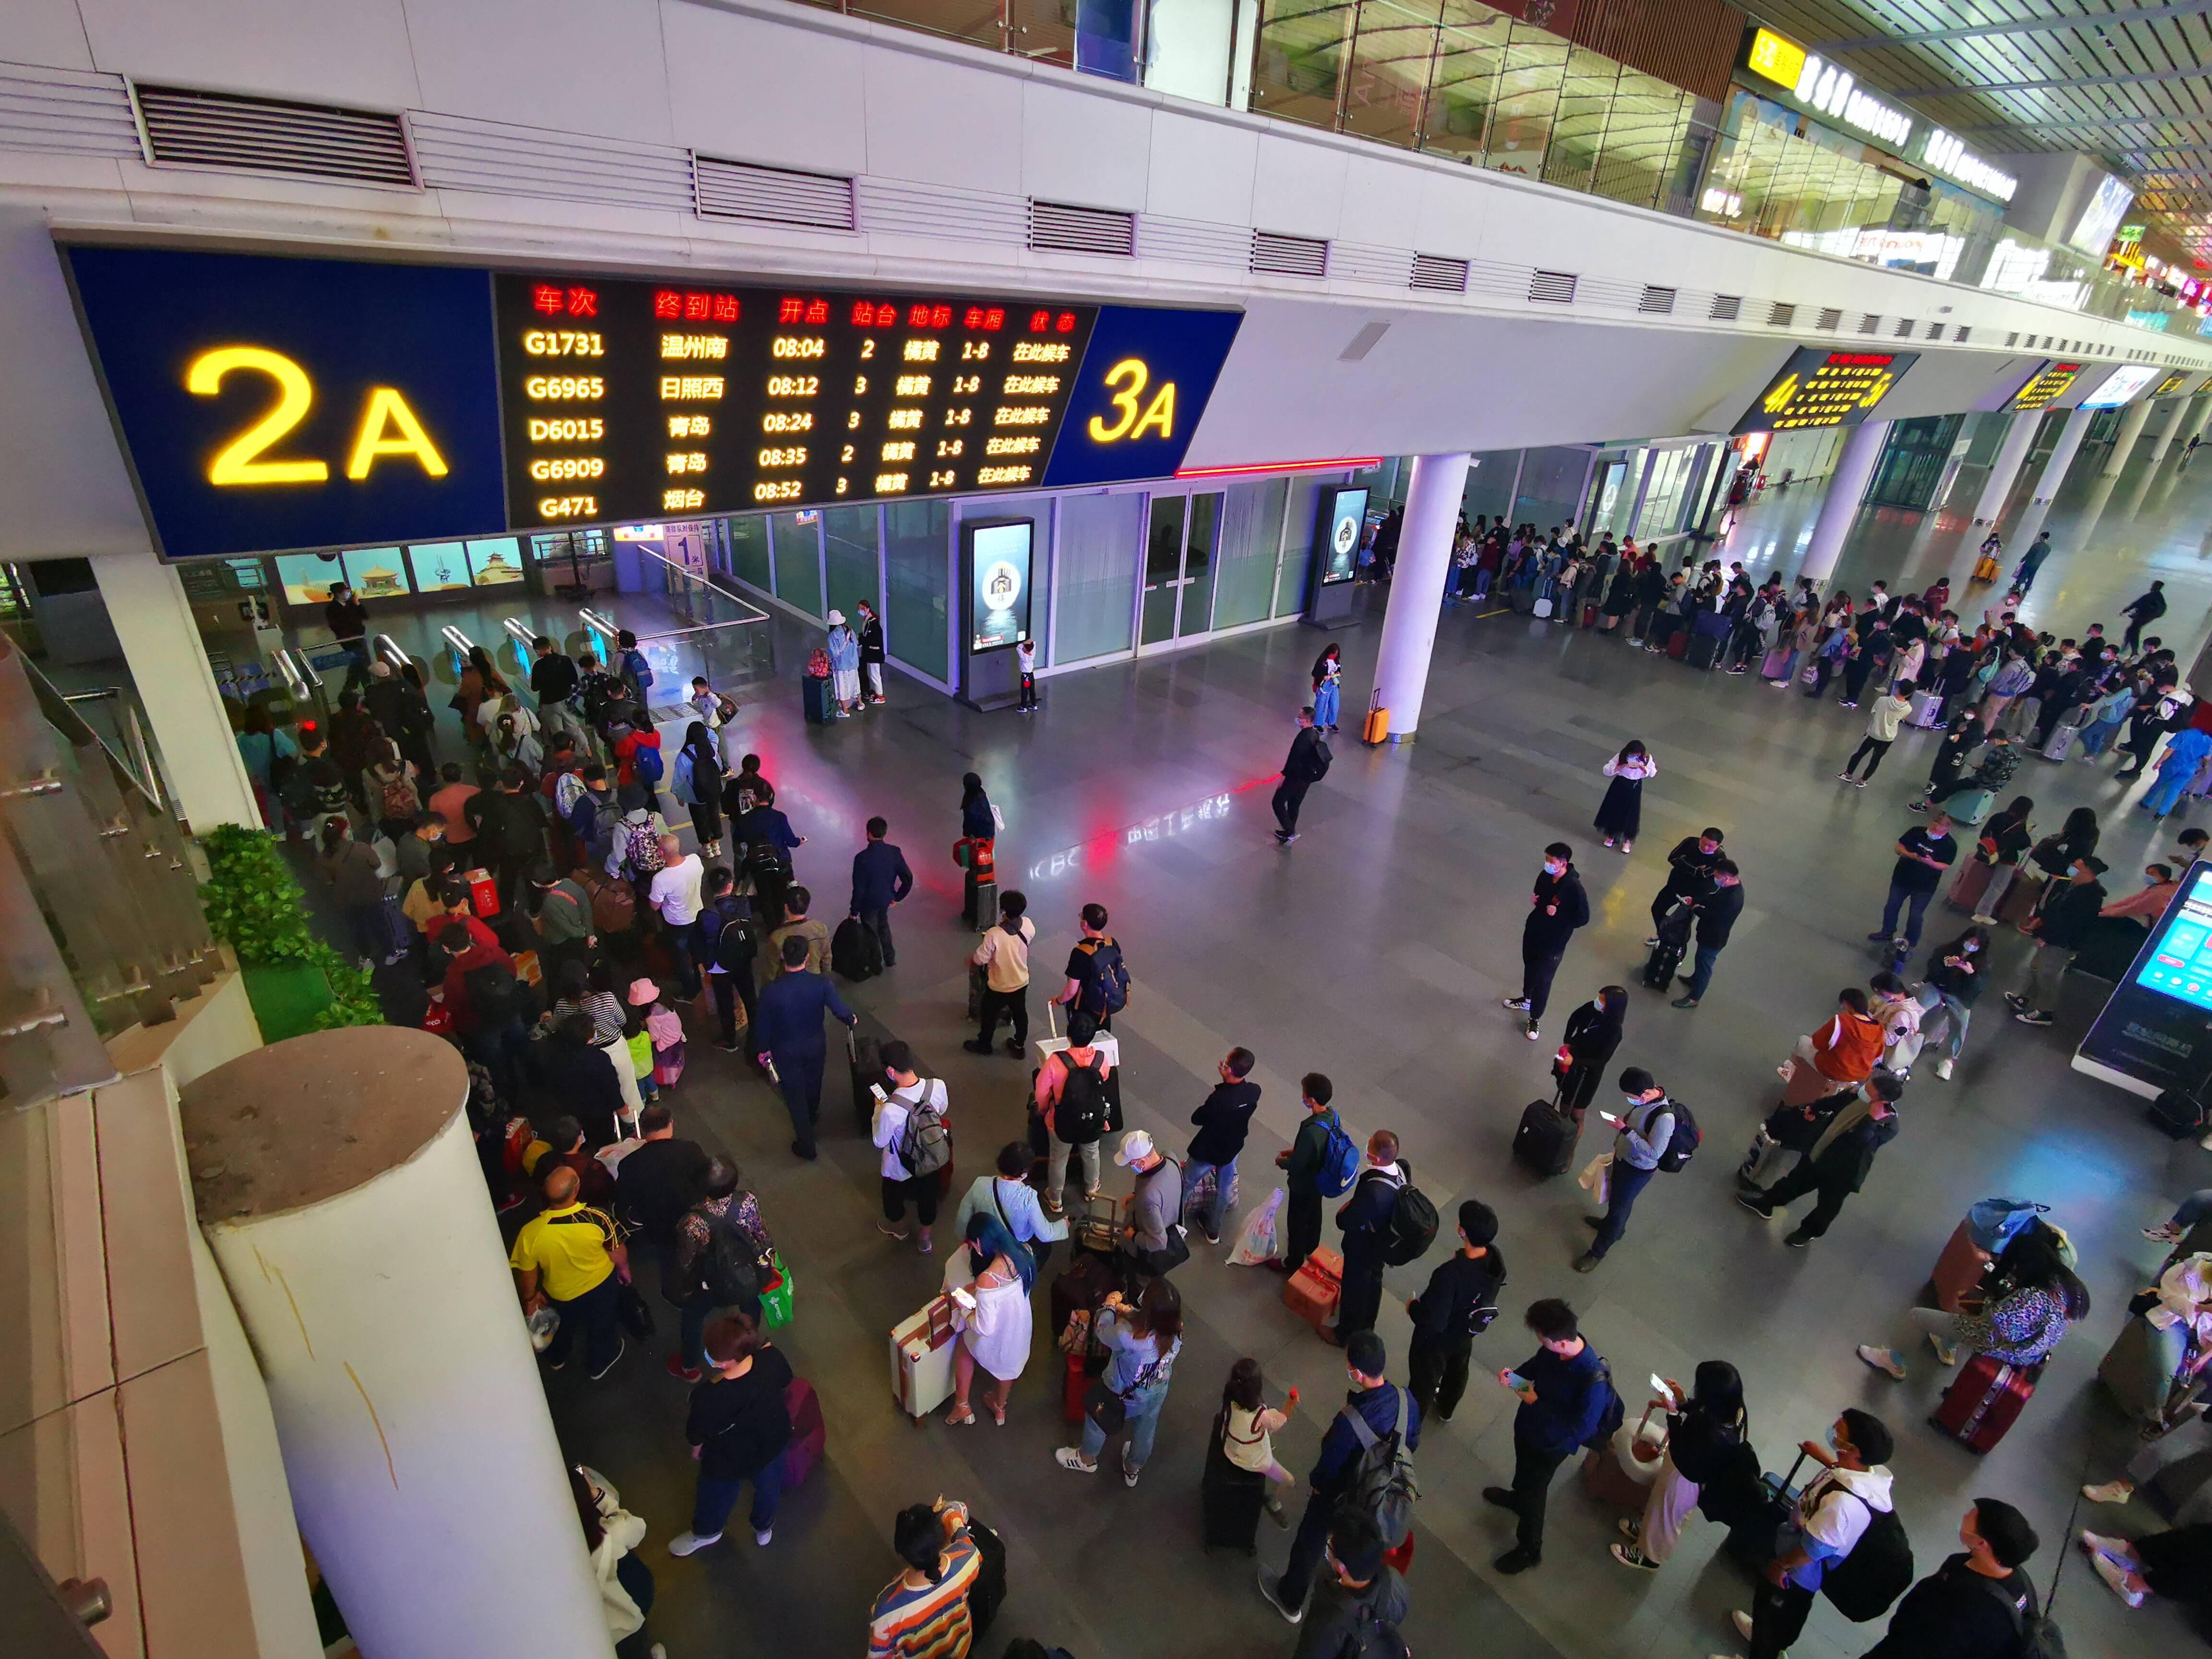 """贺州法制枣庄方向火车票售罄 北京、上海、杭州等旅游城市少量余票 """"最火""""五一出门有点挤"""